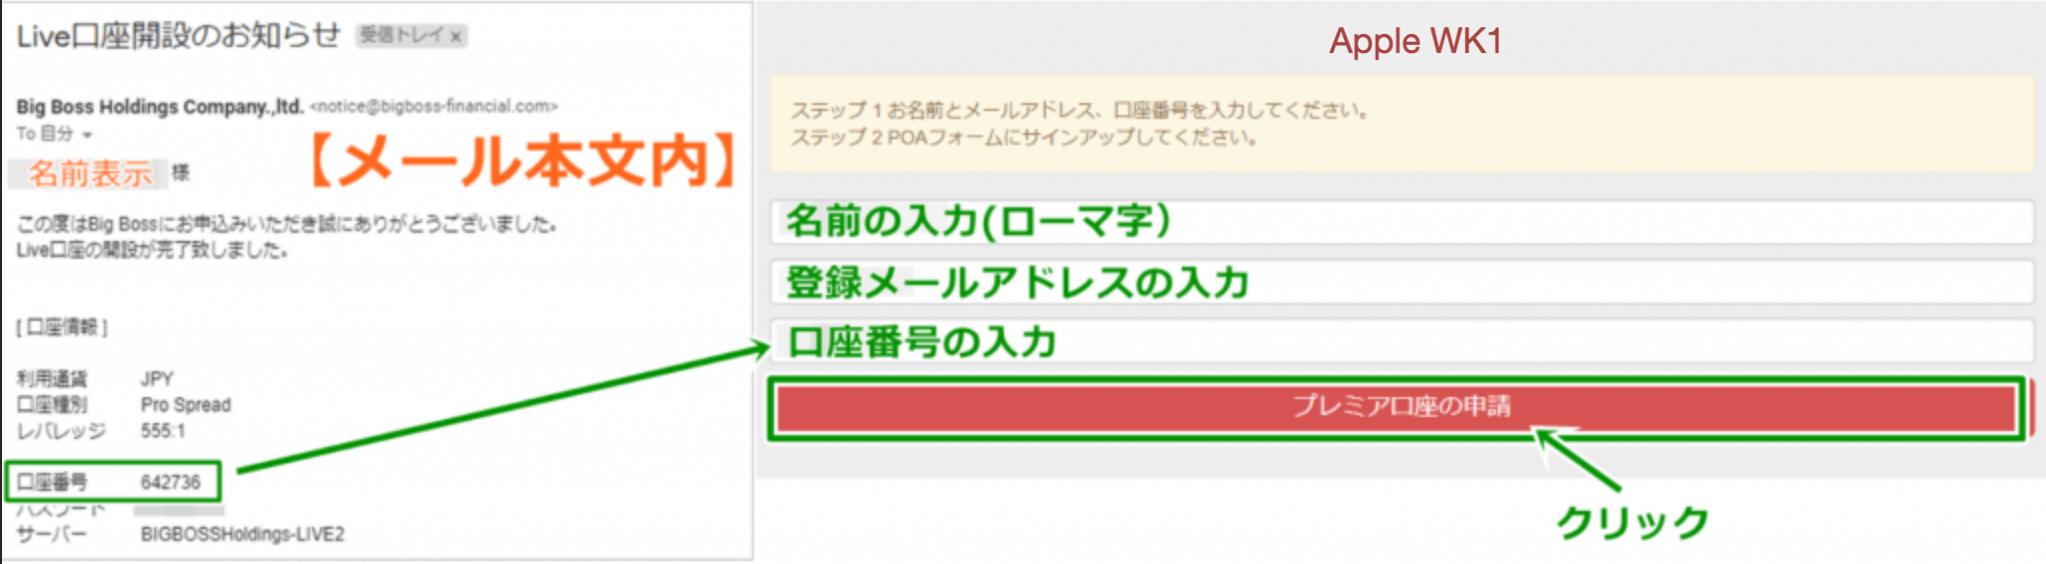 Apple-wk1システムの連携必要情報